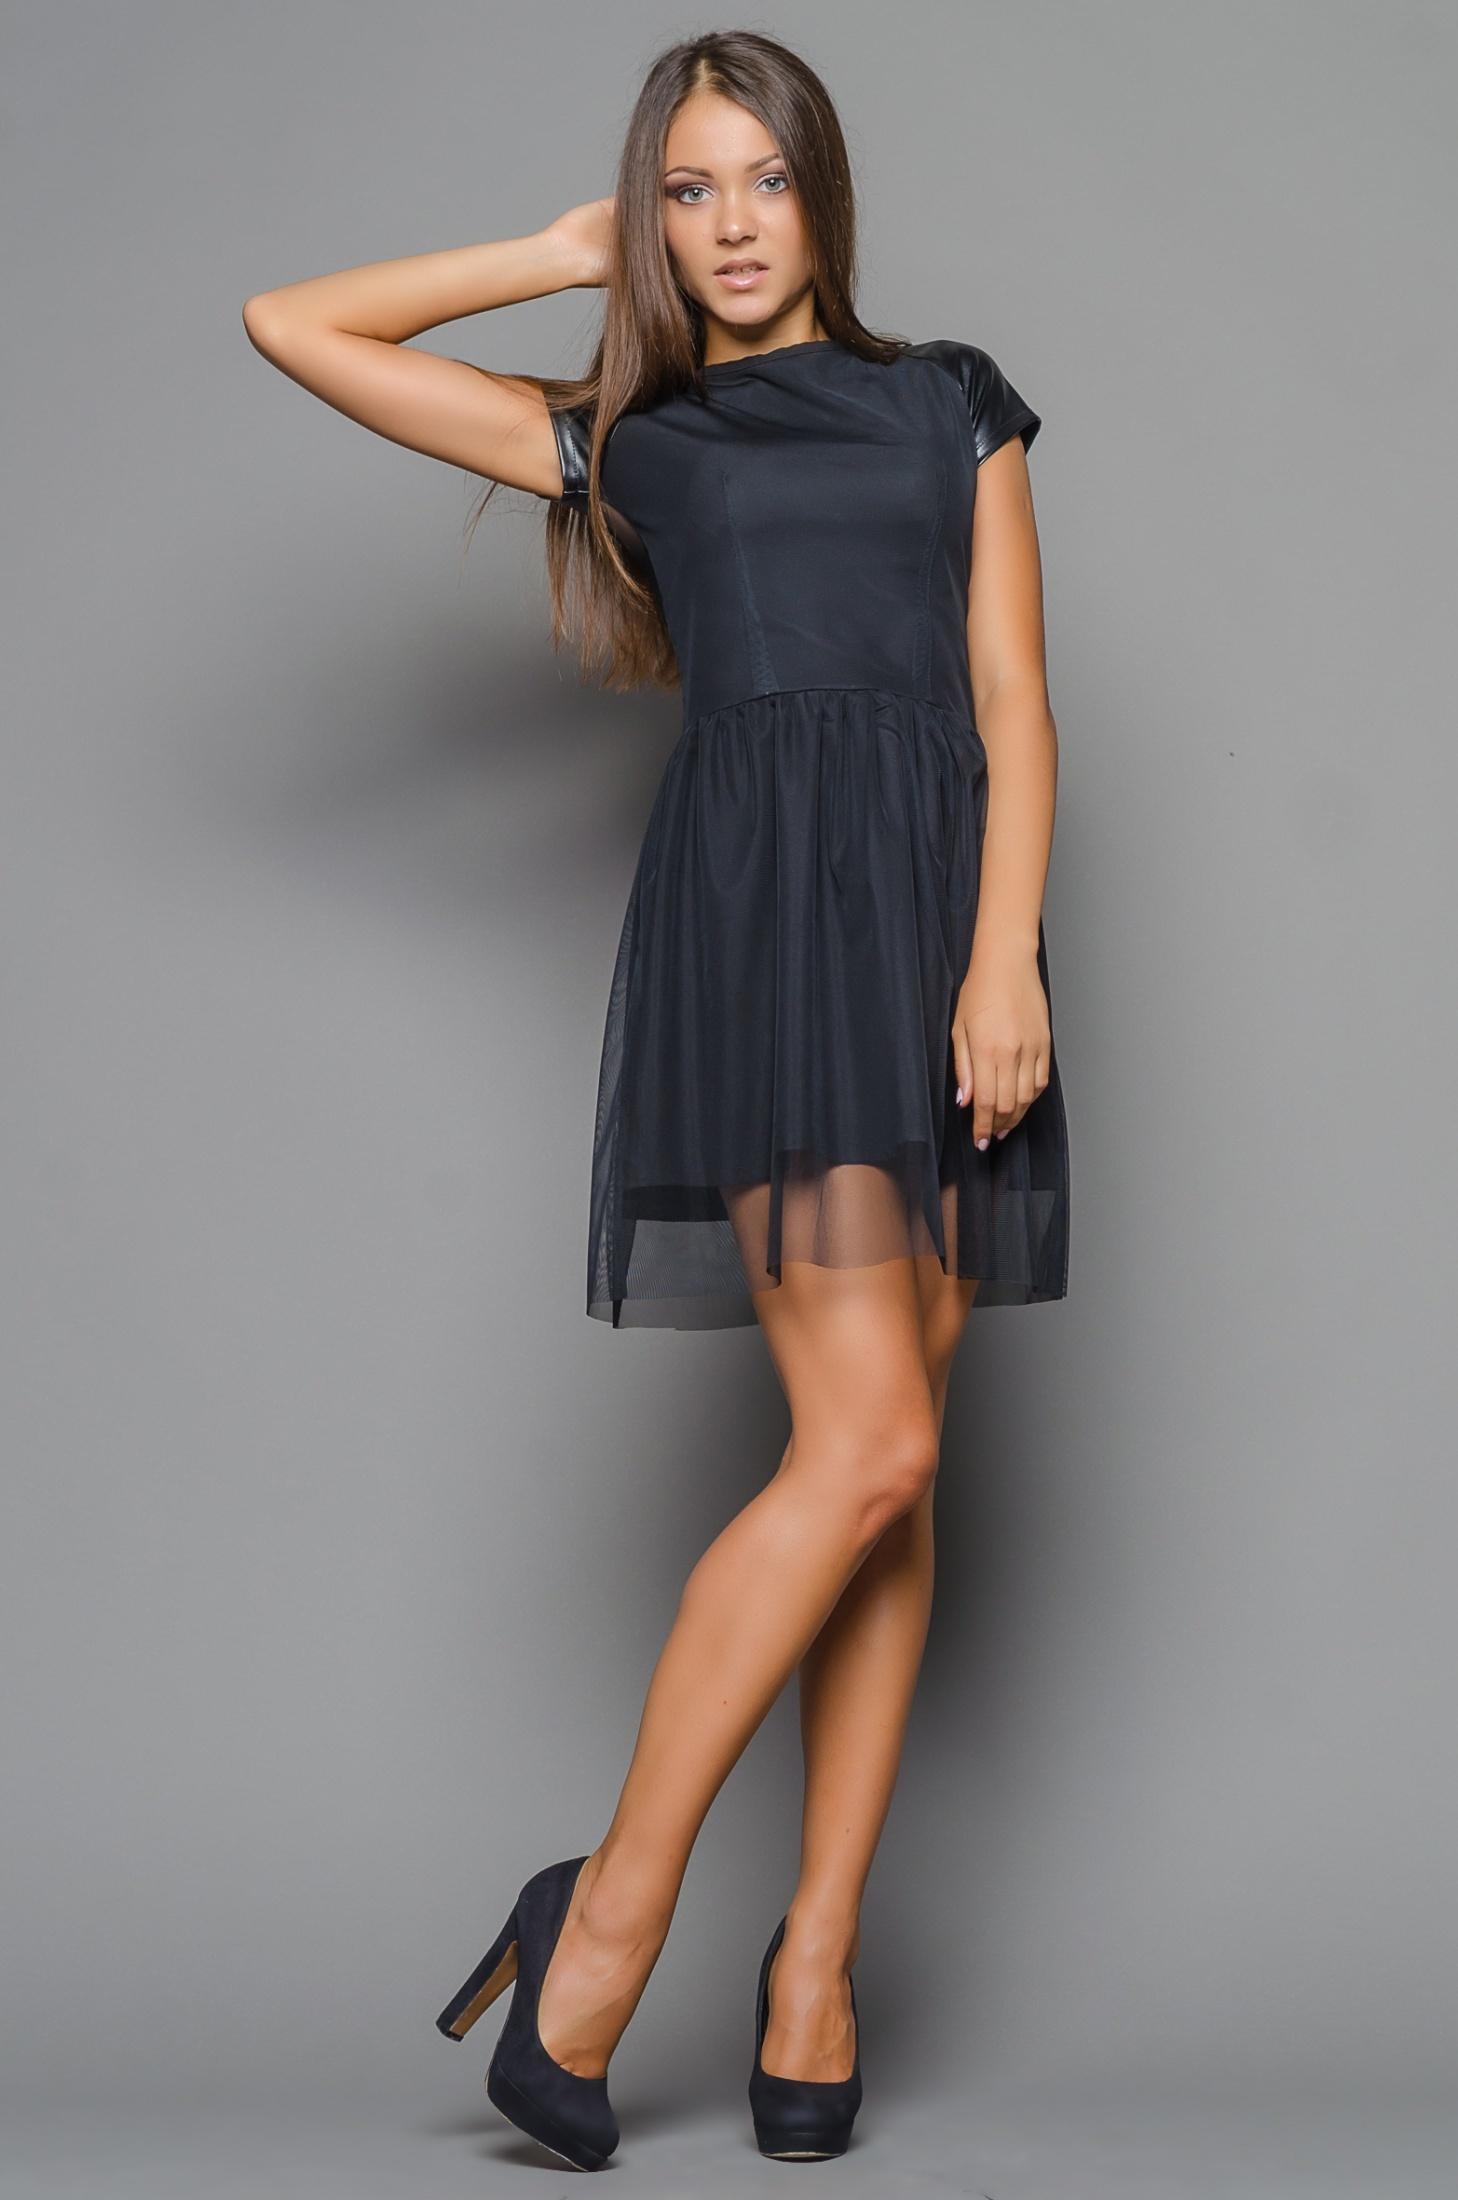 Фото в платье в сеточку 19 фотография